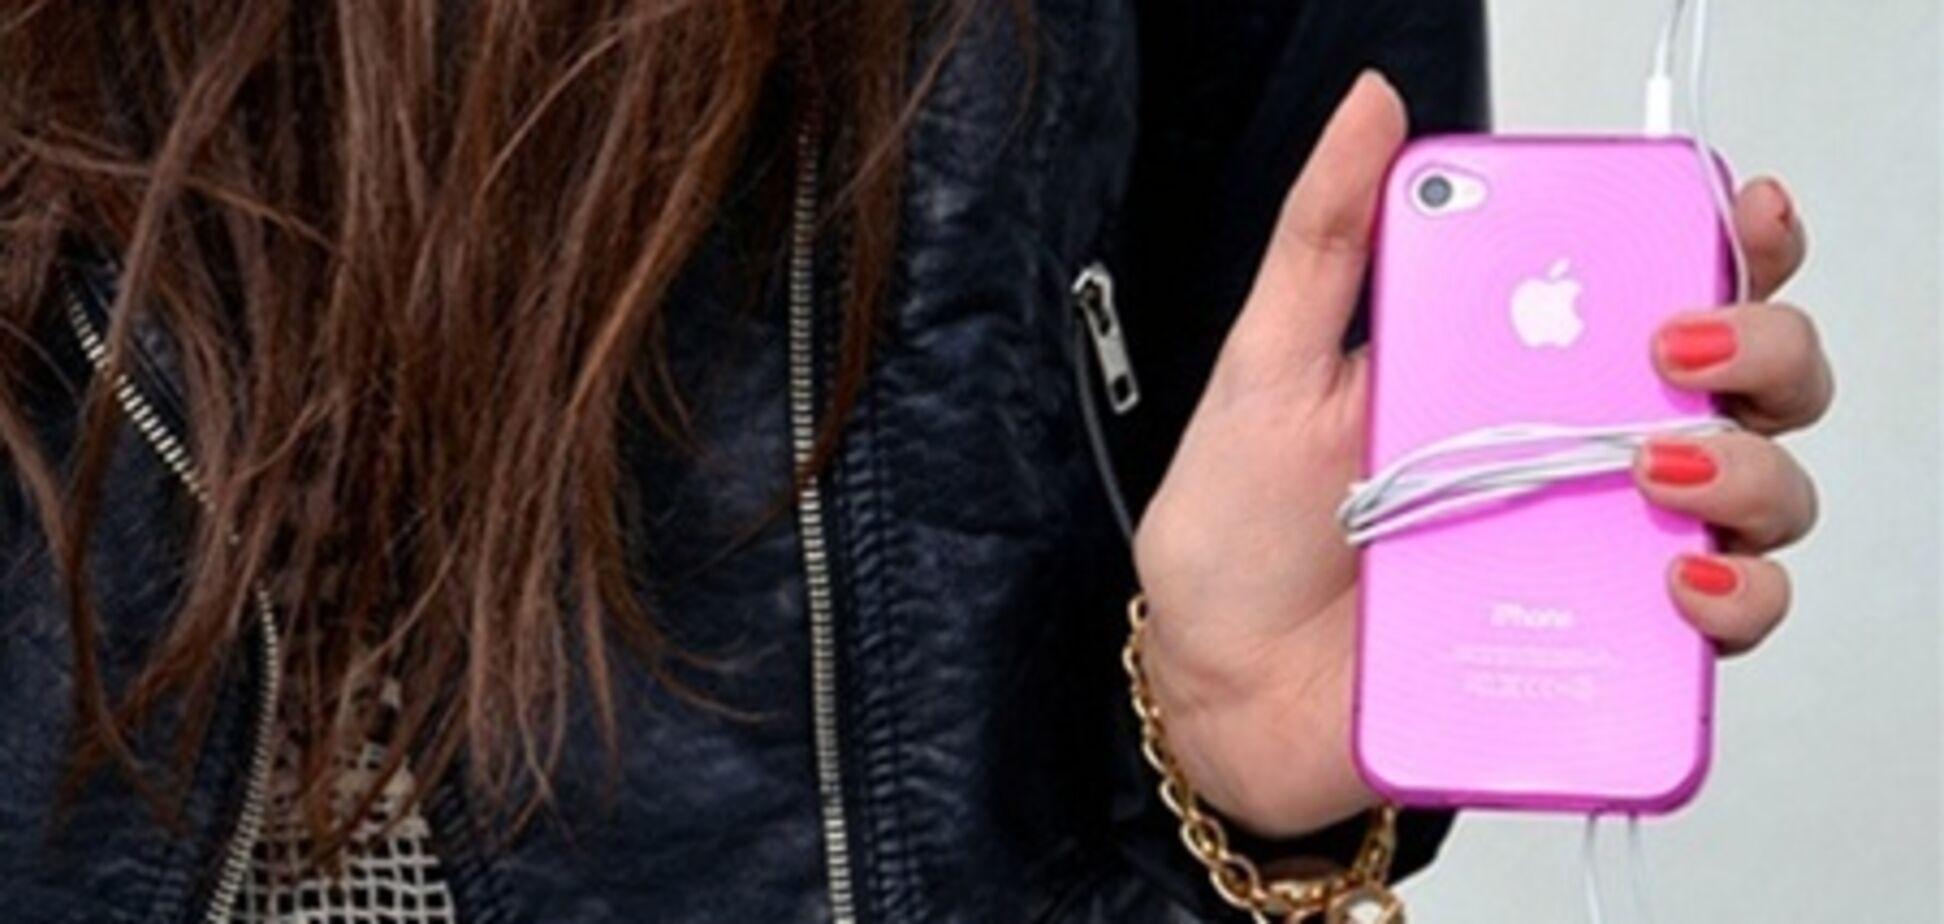 Школярку заарештували за власне порнофото в iPhone